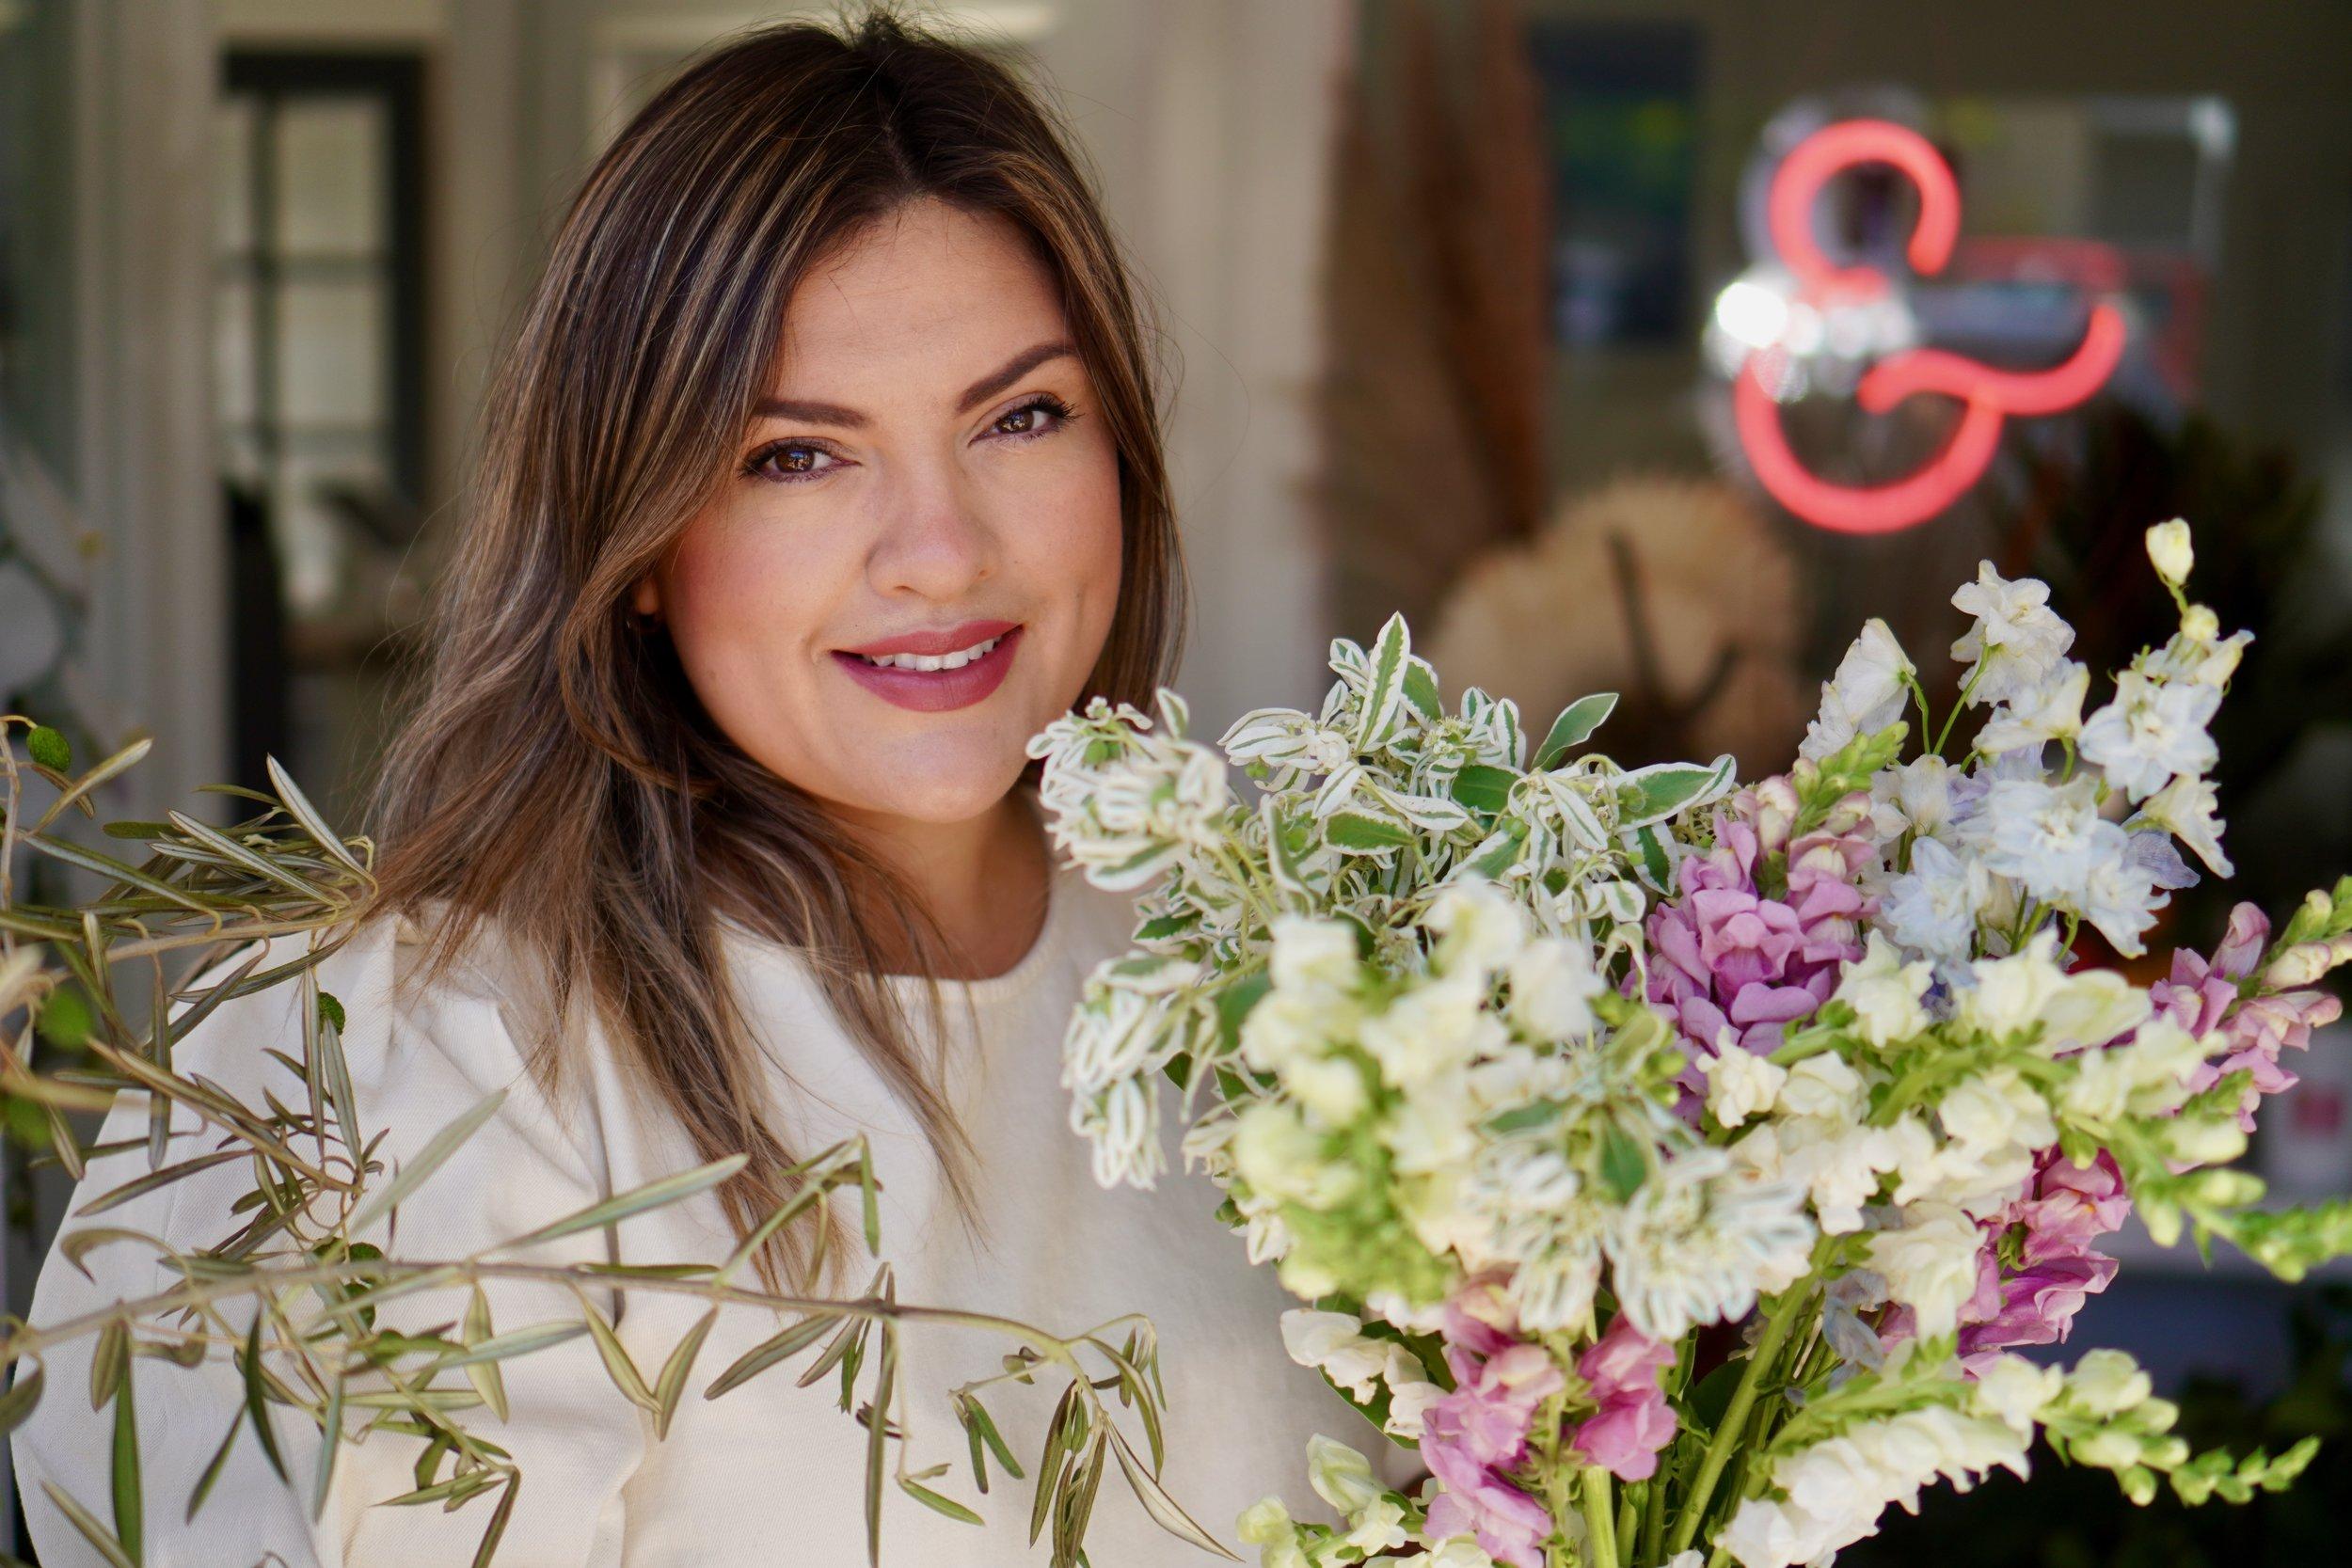 Bloom & Knots - flowers and plants in la jolla san diego mac repair yanira chavez.jpeg